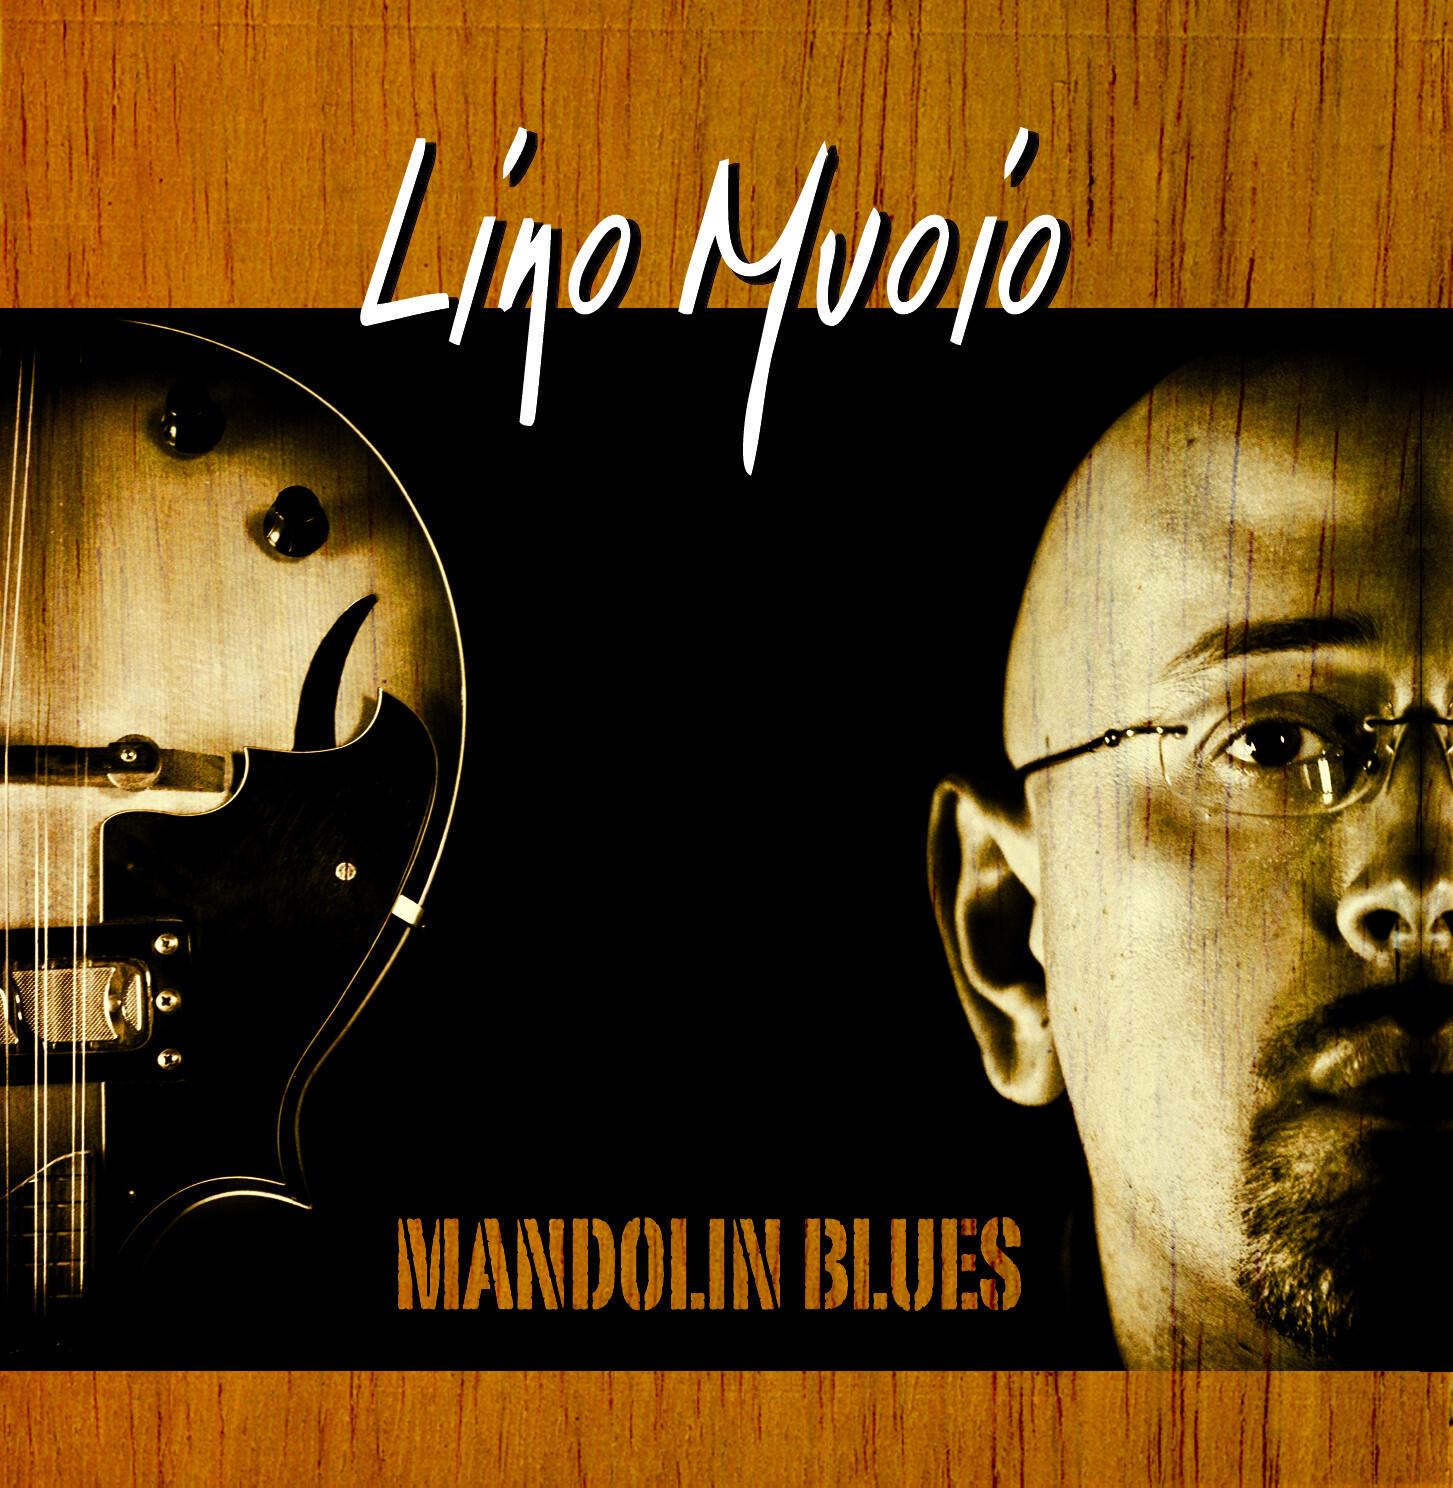 Lino Muoio - MANDOLIN BLUES (CD)